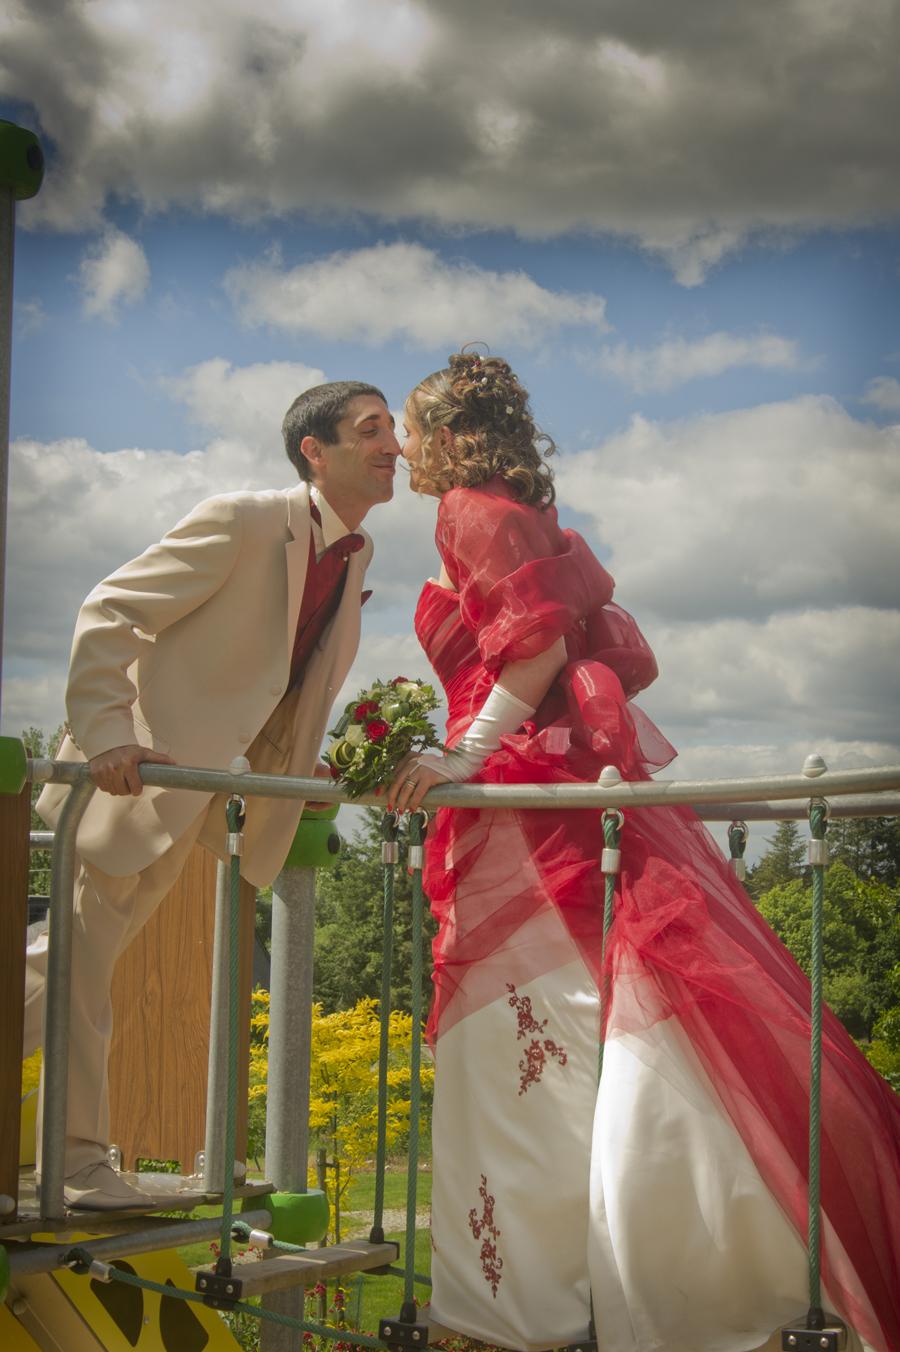 mariage sur un pont